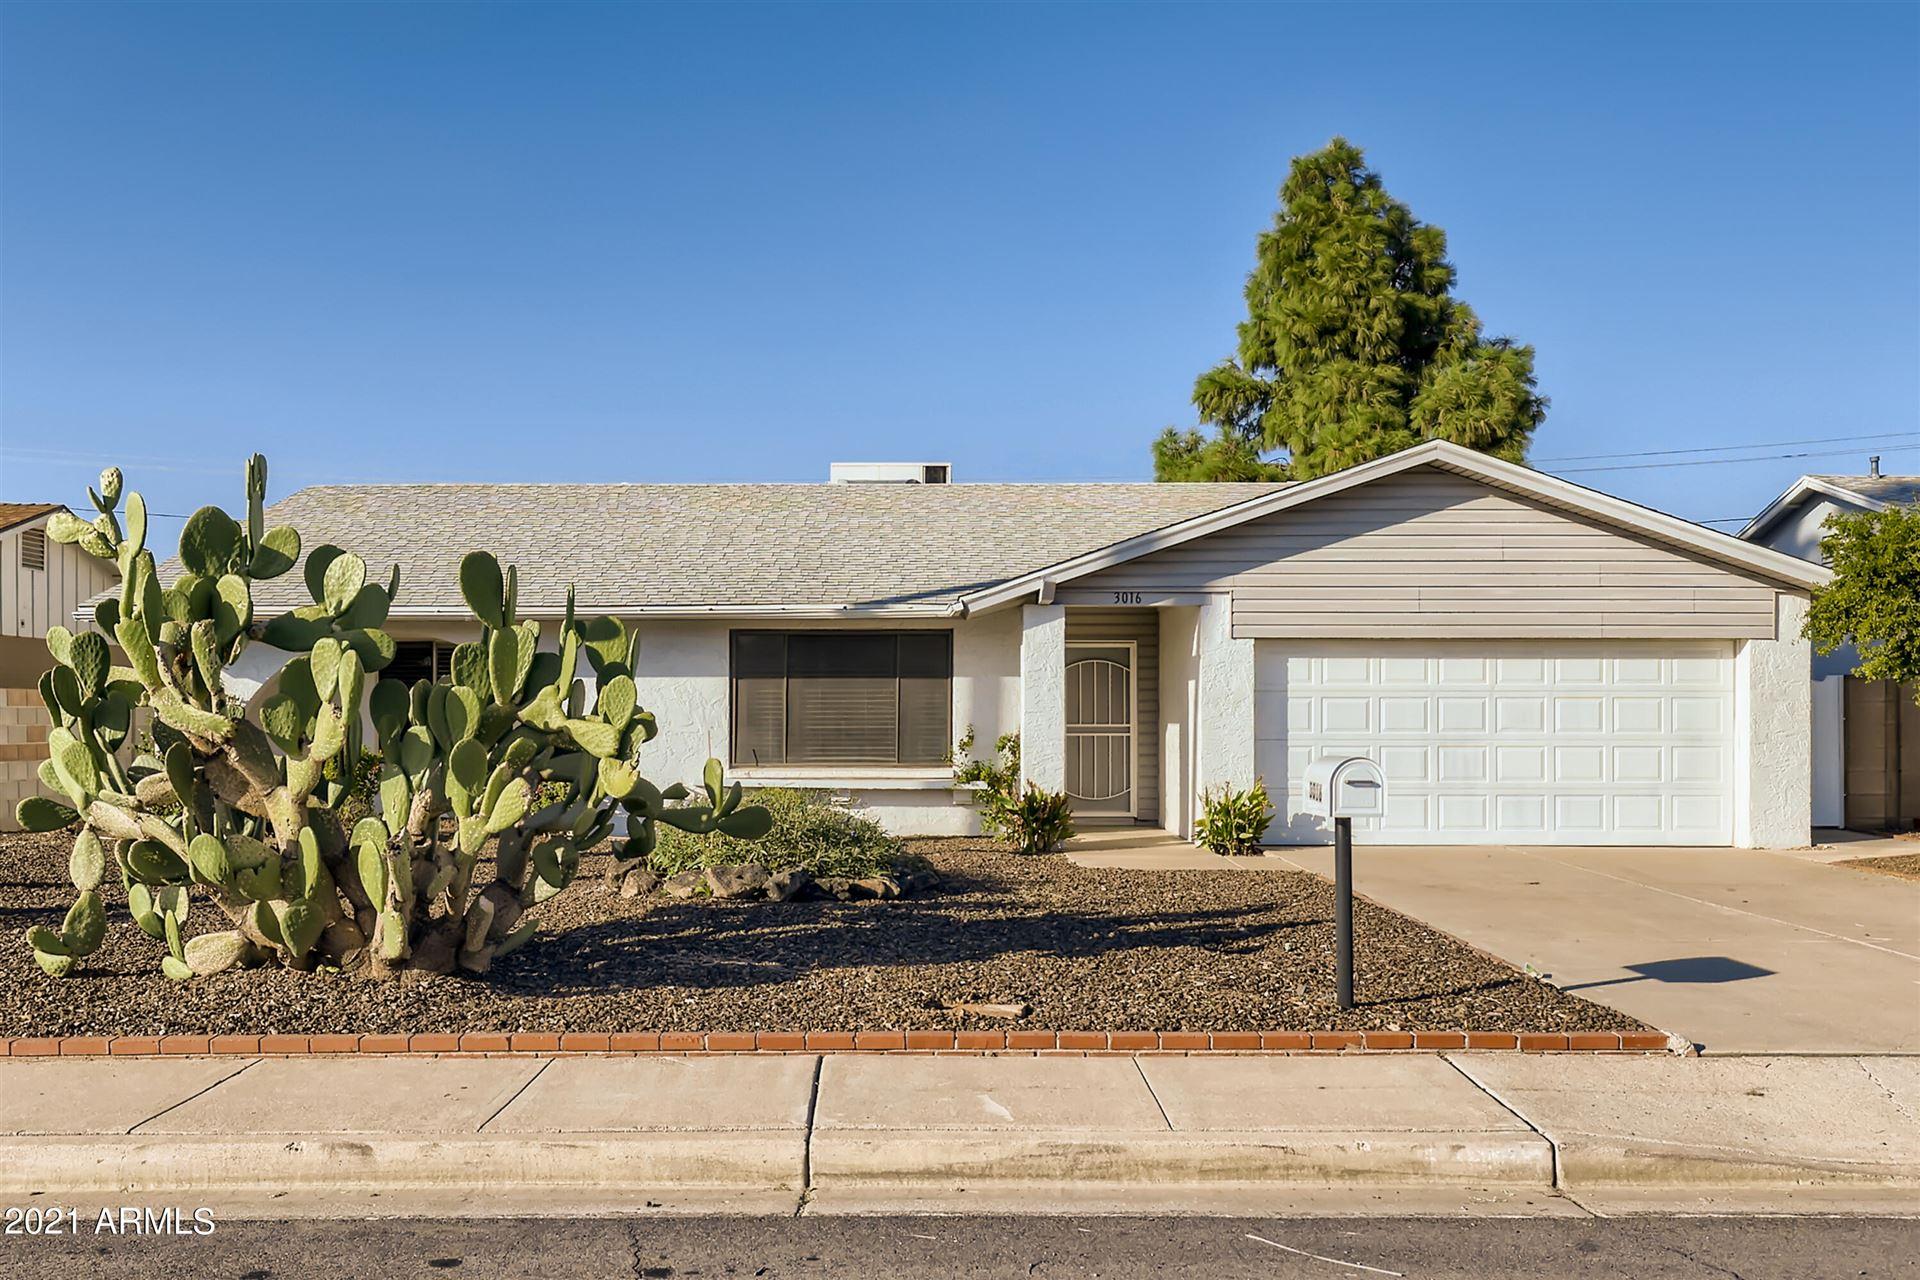 3016 W ACOMA Drive, Phoenix, AZ 85053 - MLS#: 6311385